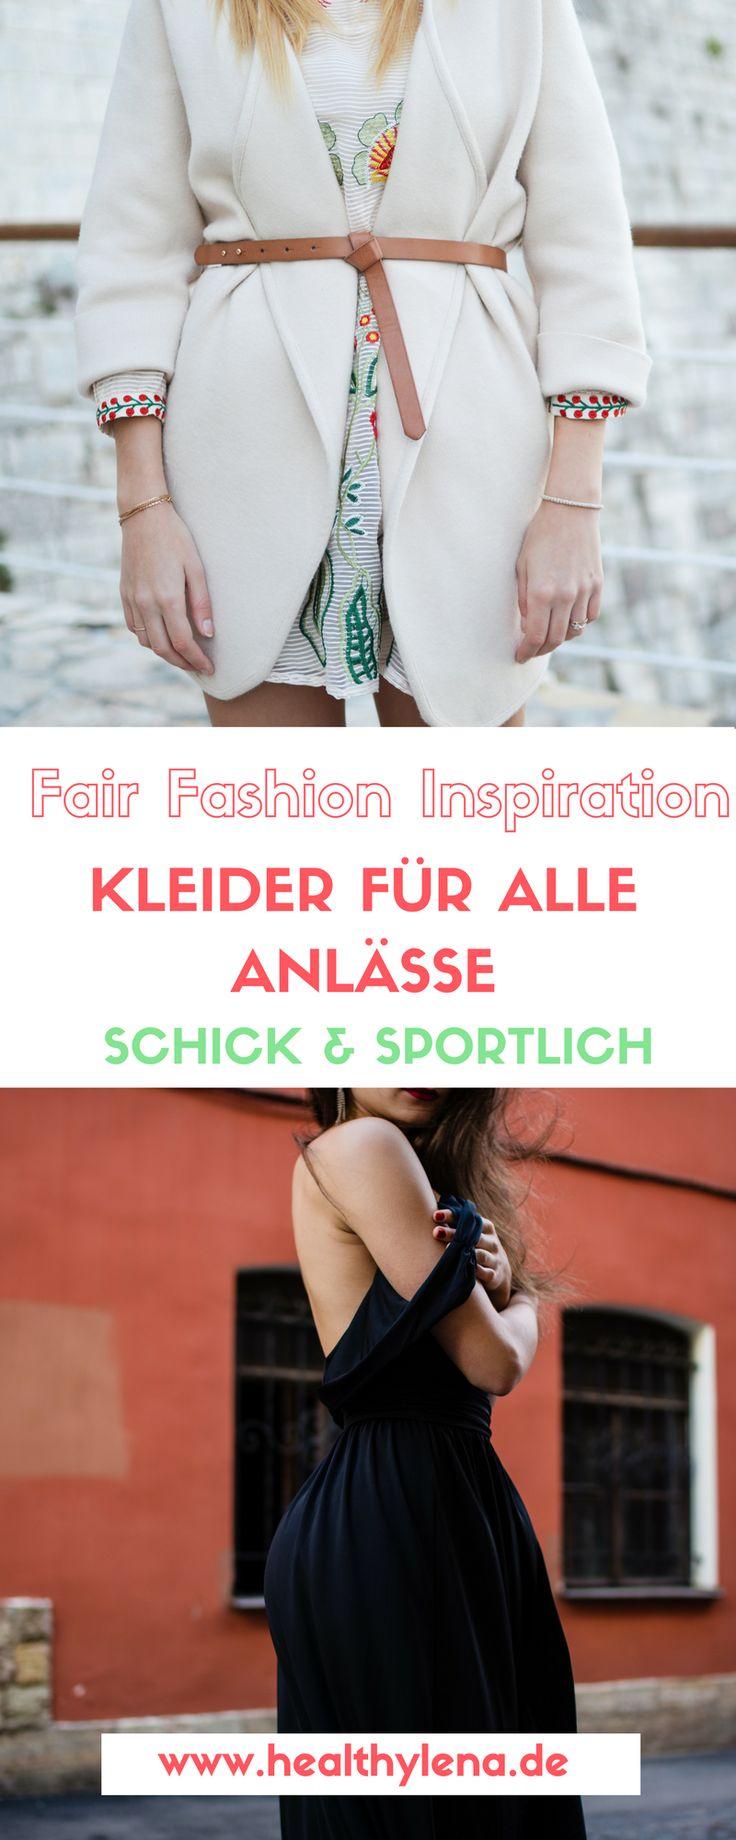 Für diese Fair Fashion Inspirationen habe ich mich mal auf die Suche nach Kleidern gemacht, die sich für die verschiedensten Anlässe eignen. Viele Kleider kann man als echte Basics super für den Alltag und mit ein paar schicken Accessoires auch direkt fürs Weggehen am Abend kombinieren. #eco #fairfashion #öko #mode #fairfashion #mode #vegan http://www.healthylena.de/lifestyle/fashion/fair-fashion-inspiration-kleider-fuer-alle-anlaesse/